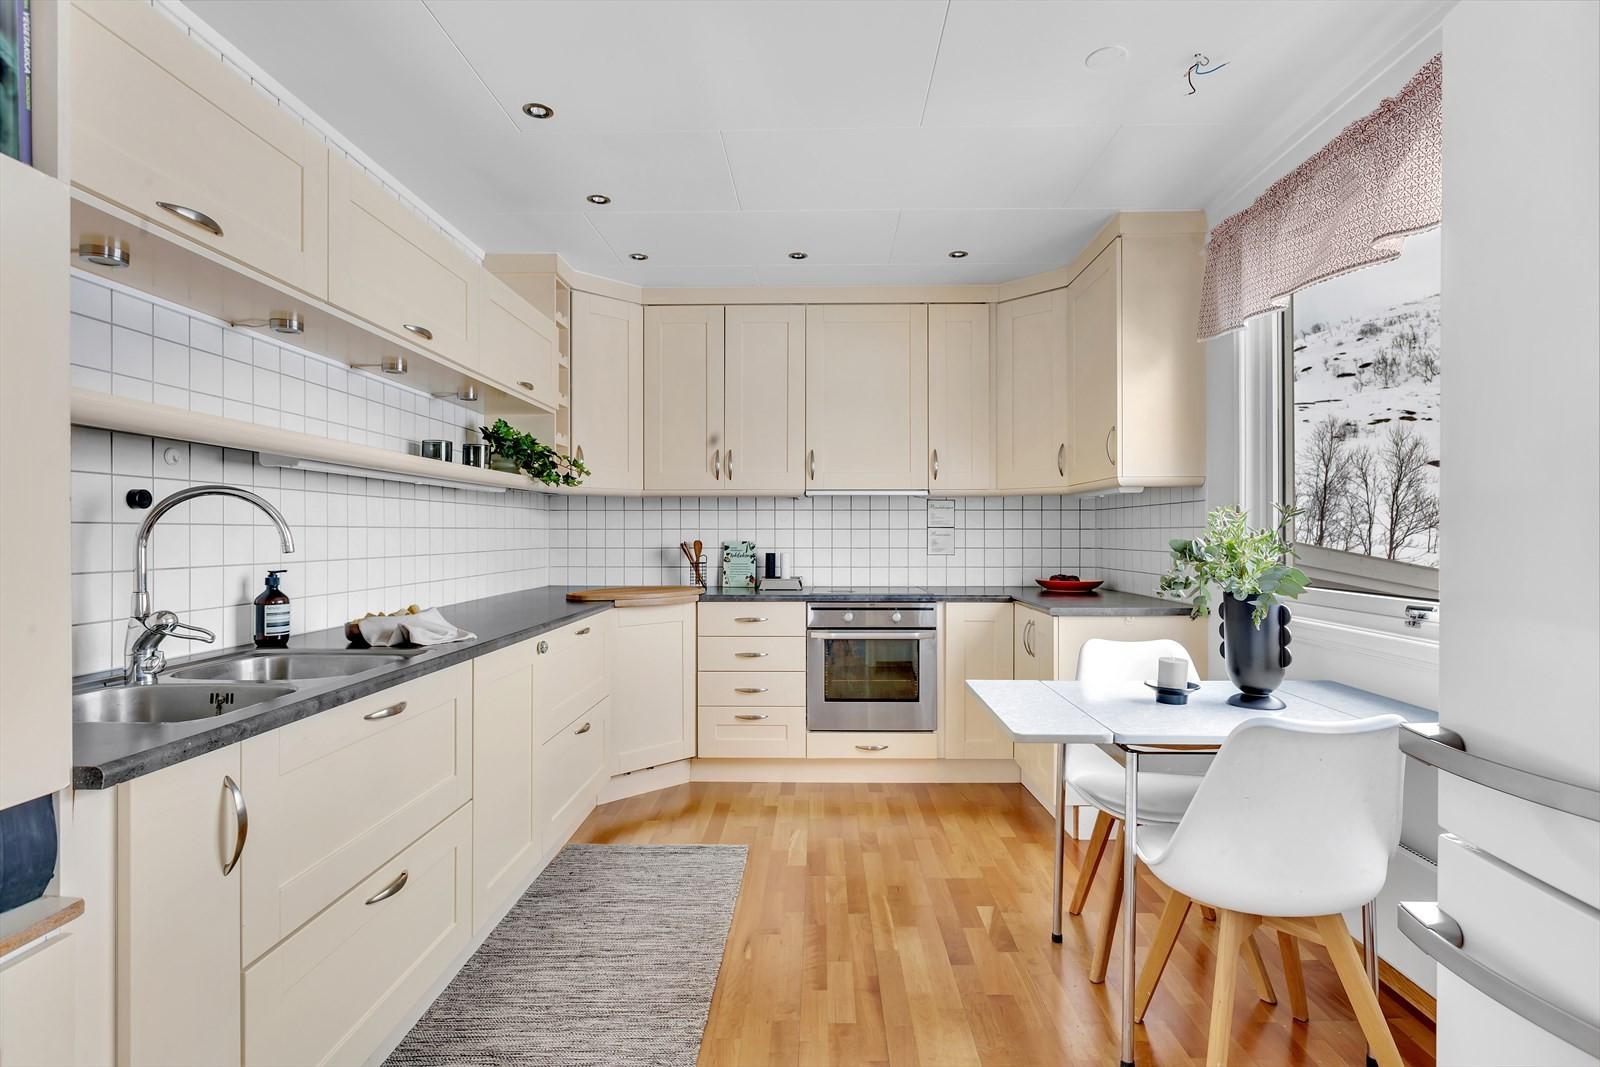 Kjøkken med integrert oppvaskmaskin, koketopp og stekeovn.